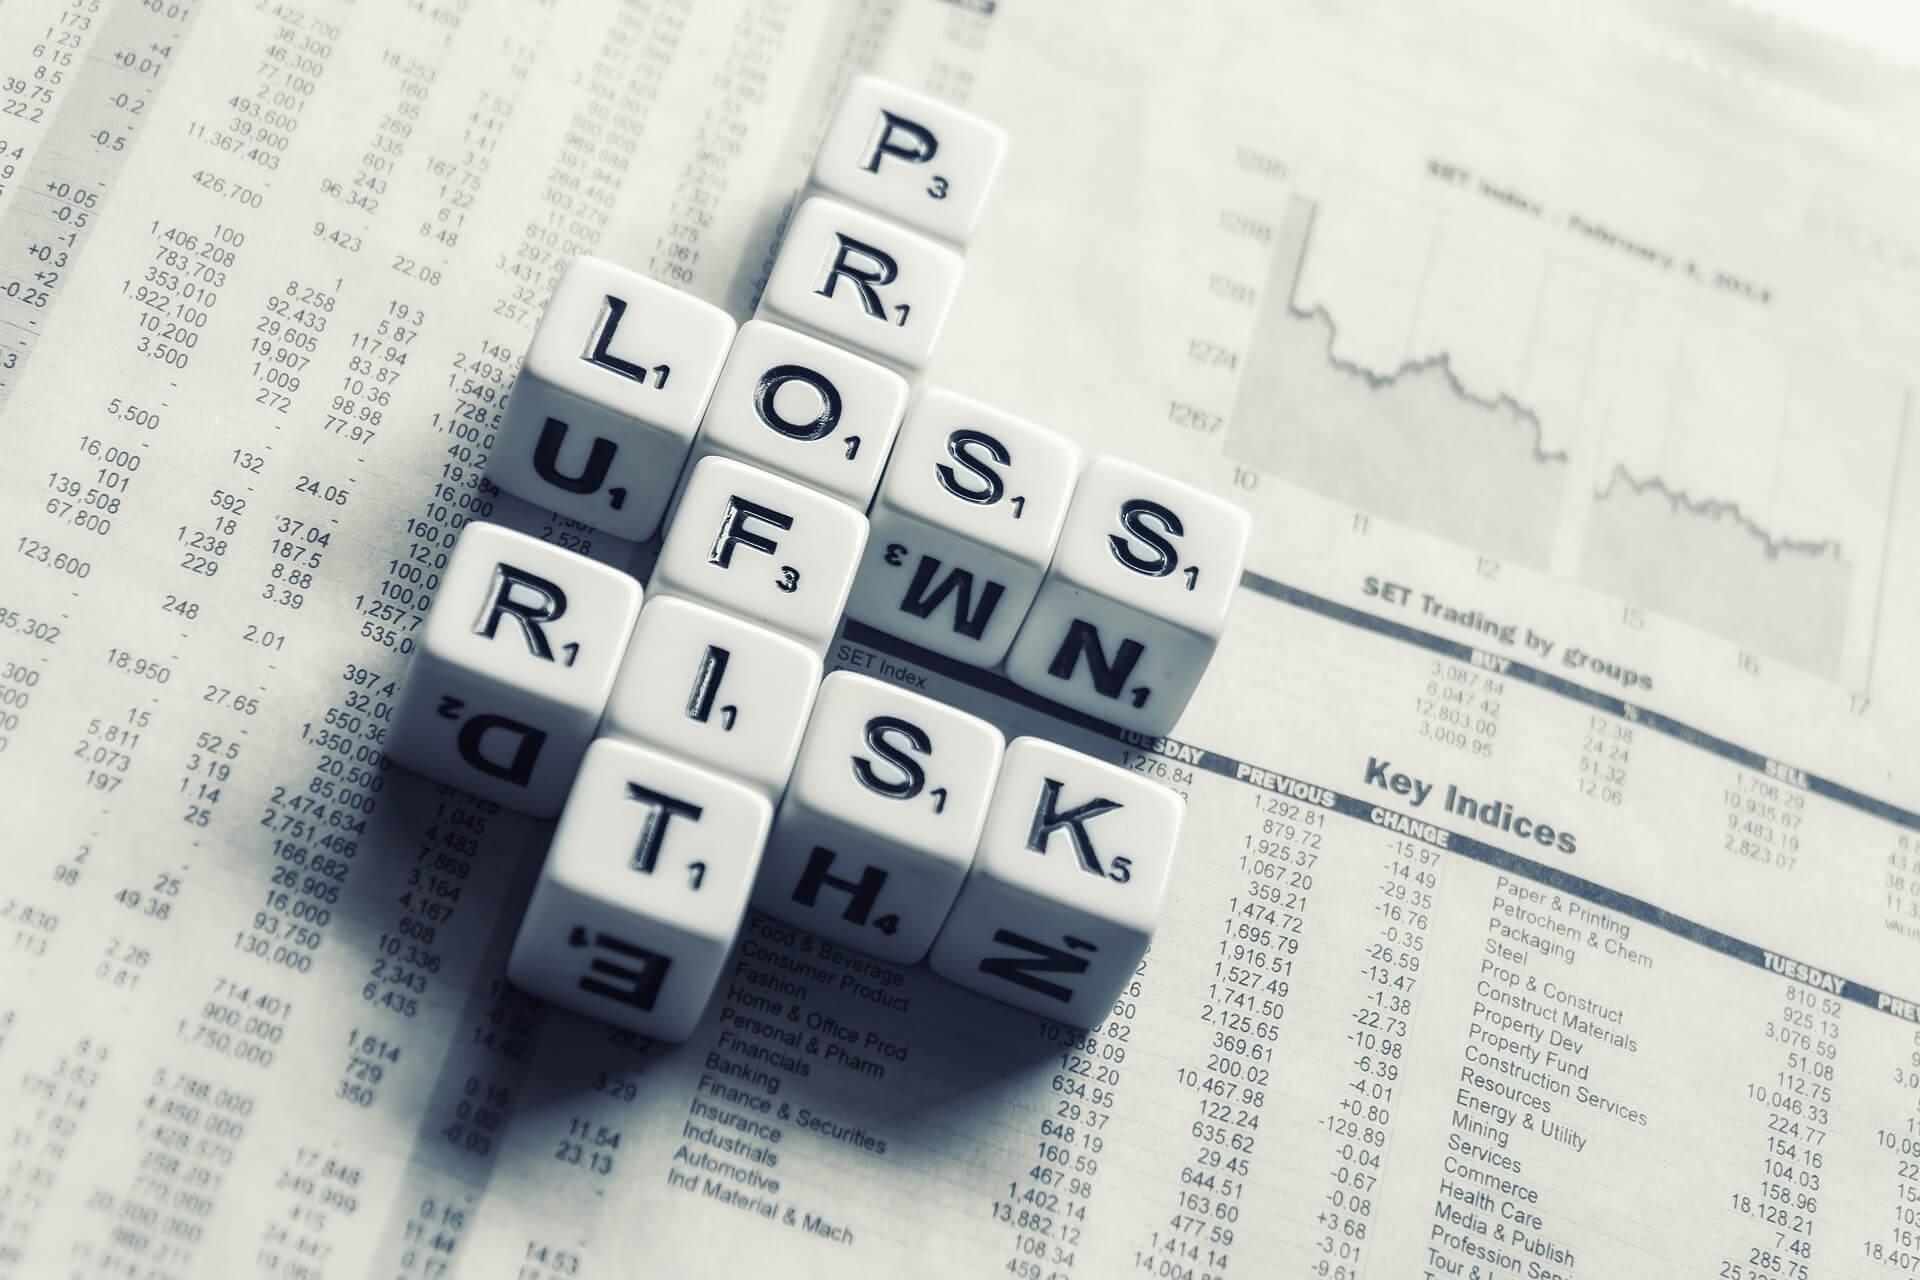 риск-менеджмент соотношение прибыли и убытка